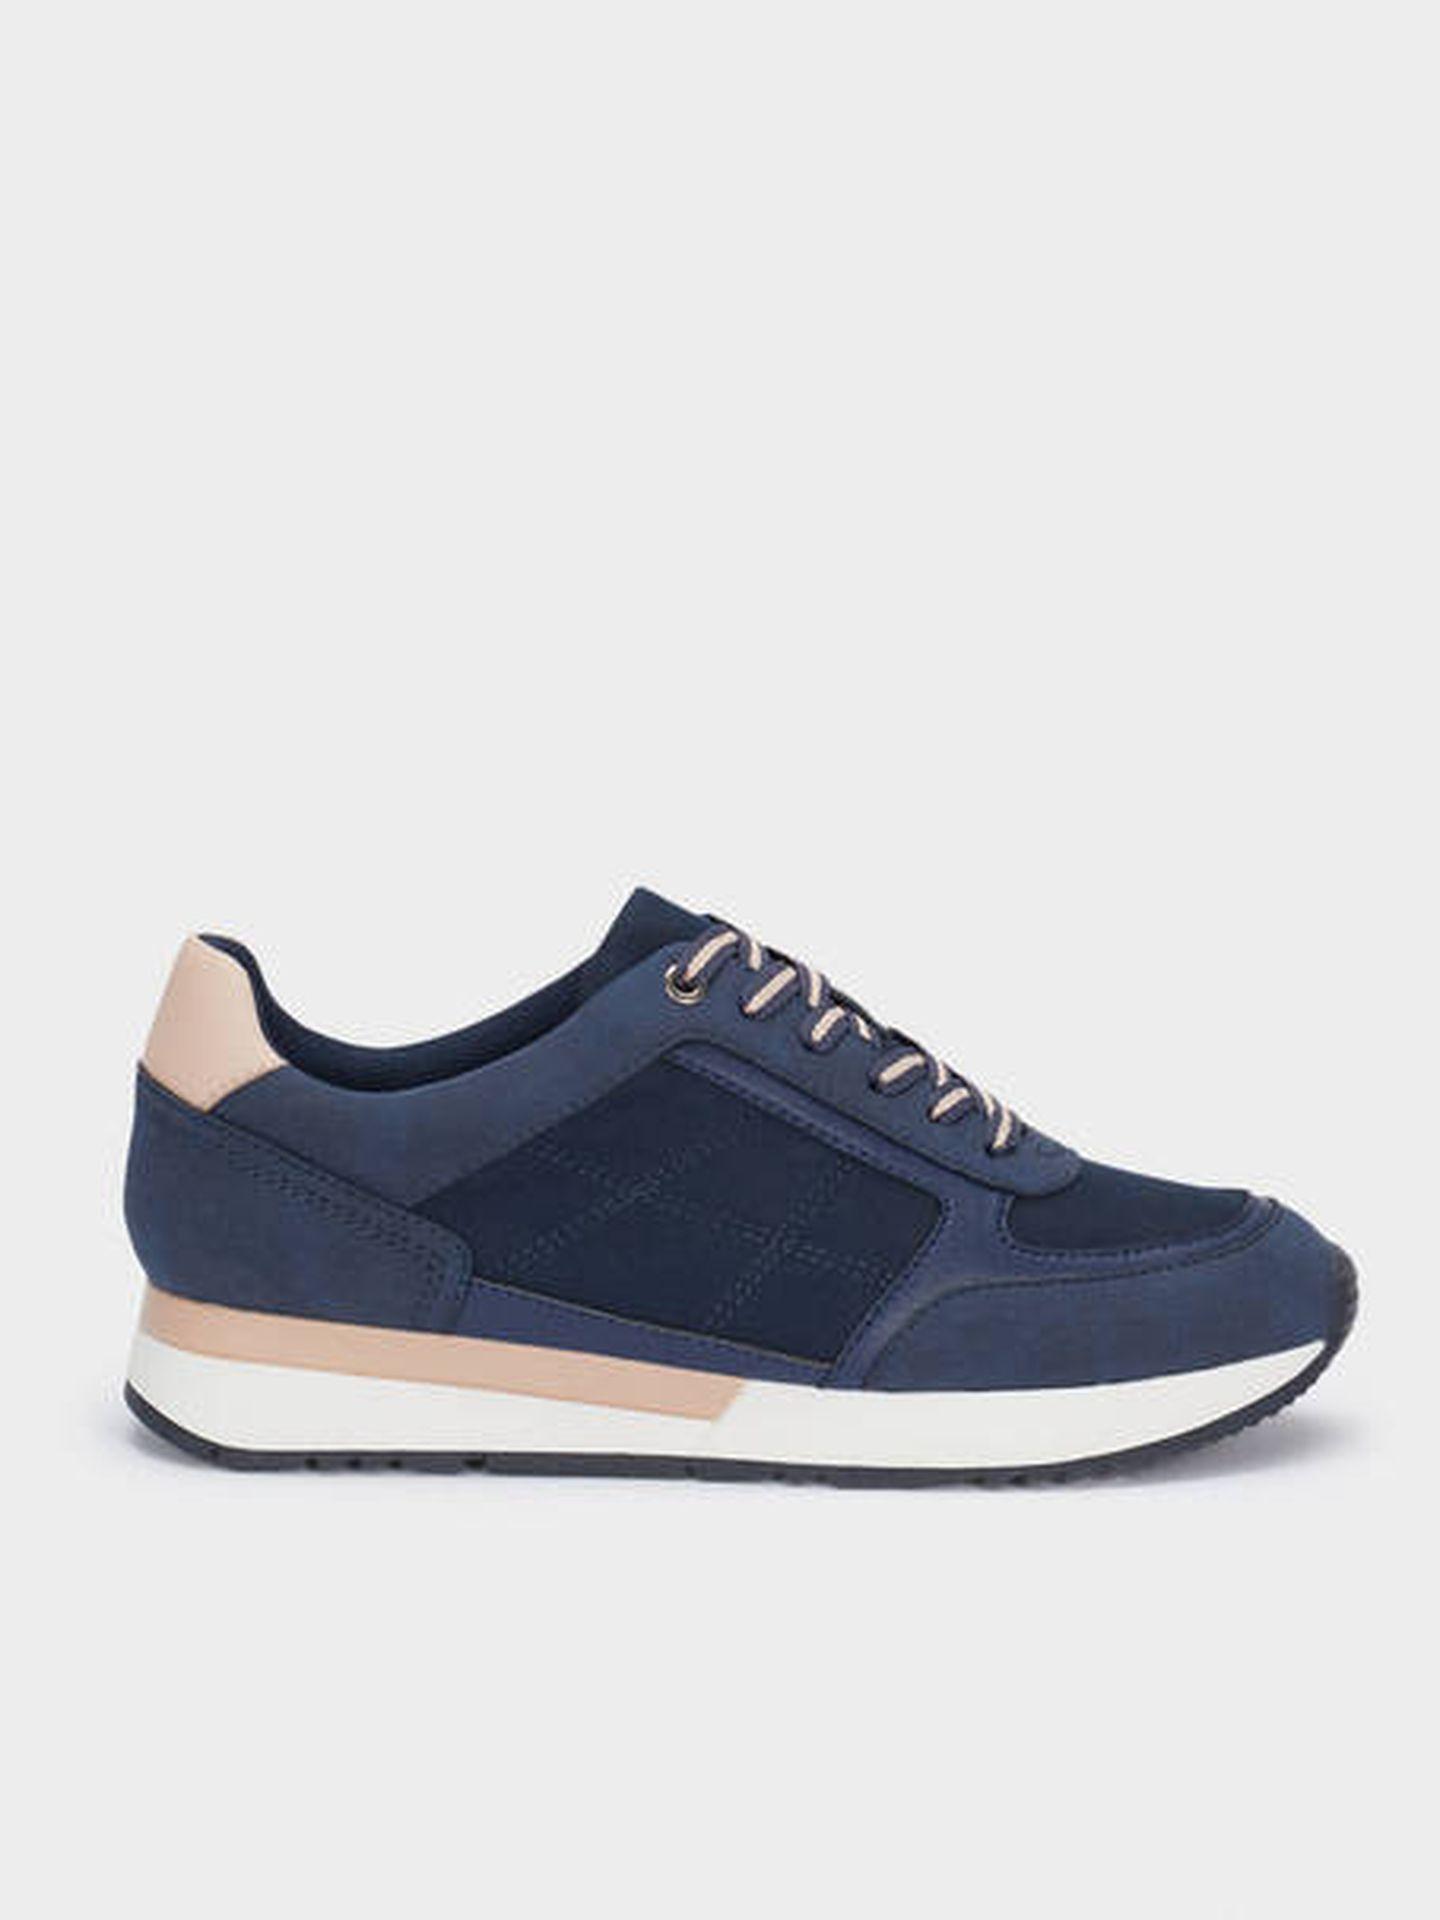 Zapatillas deportivas de Parfois. (Cortesía)